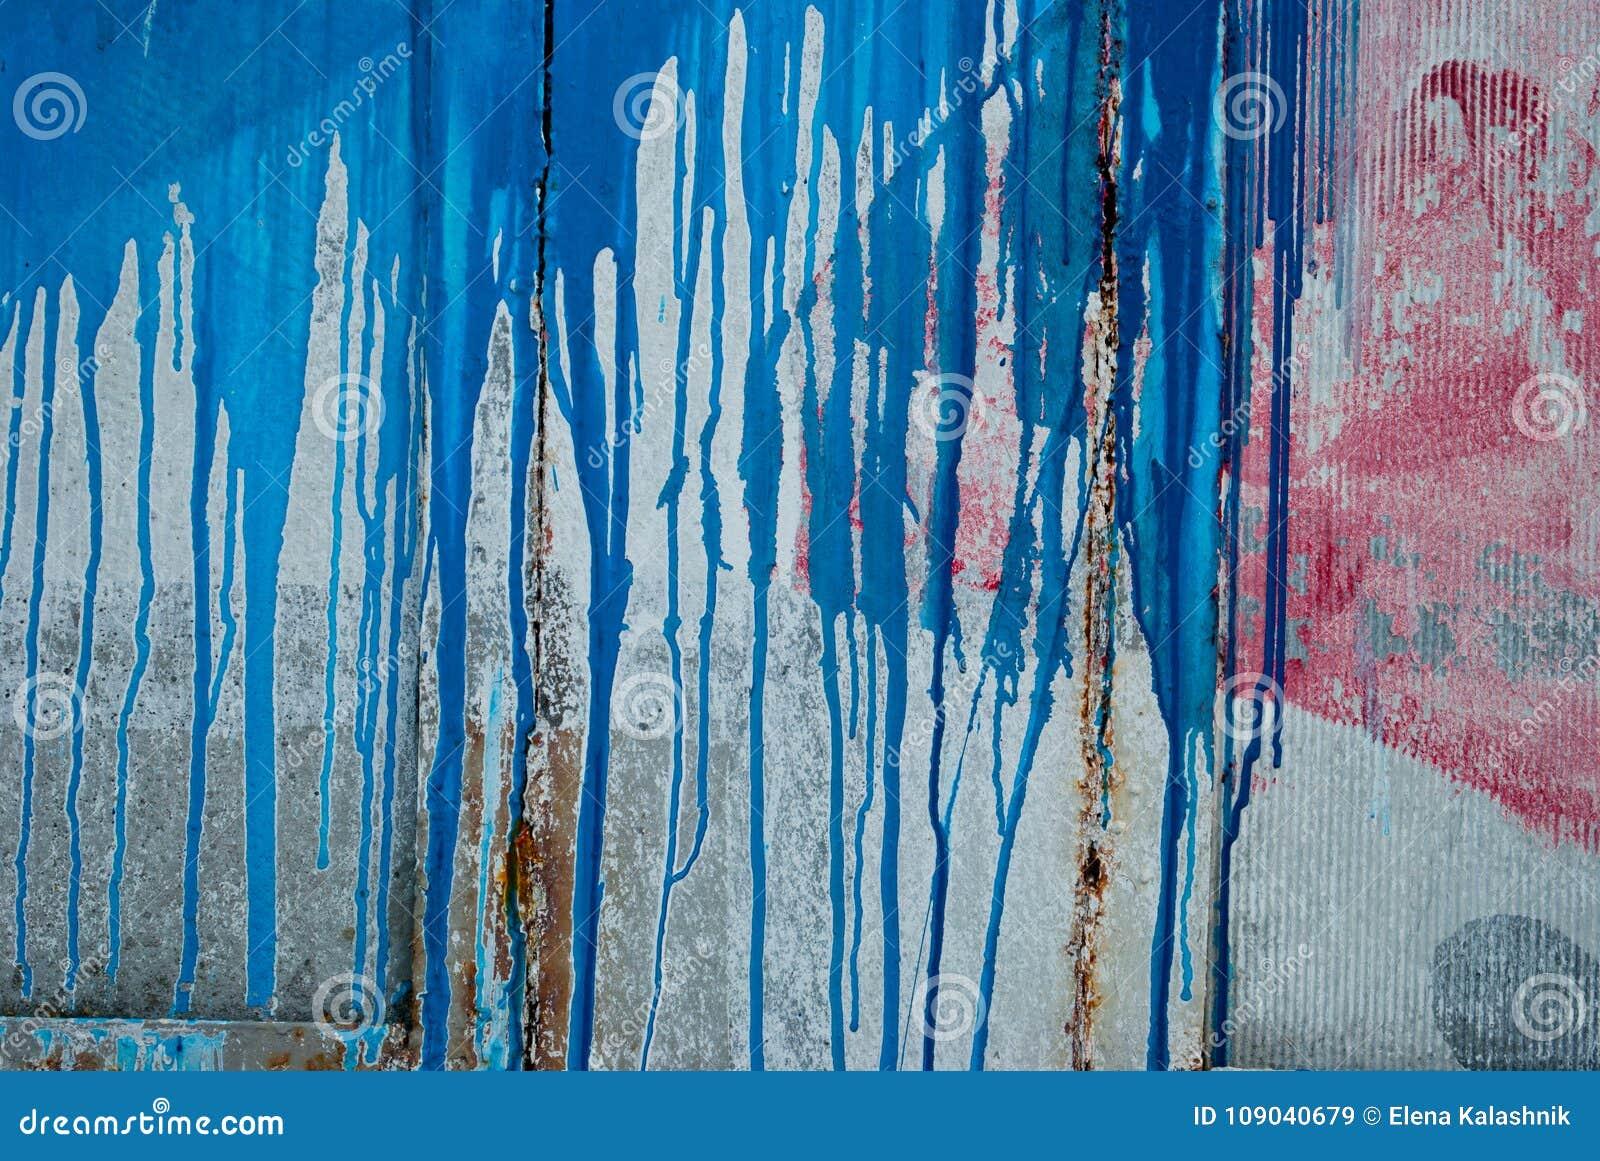 Mur En Béton Taches De Peinture Rouge Et Bleue Graffiti